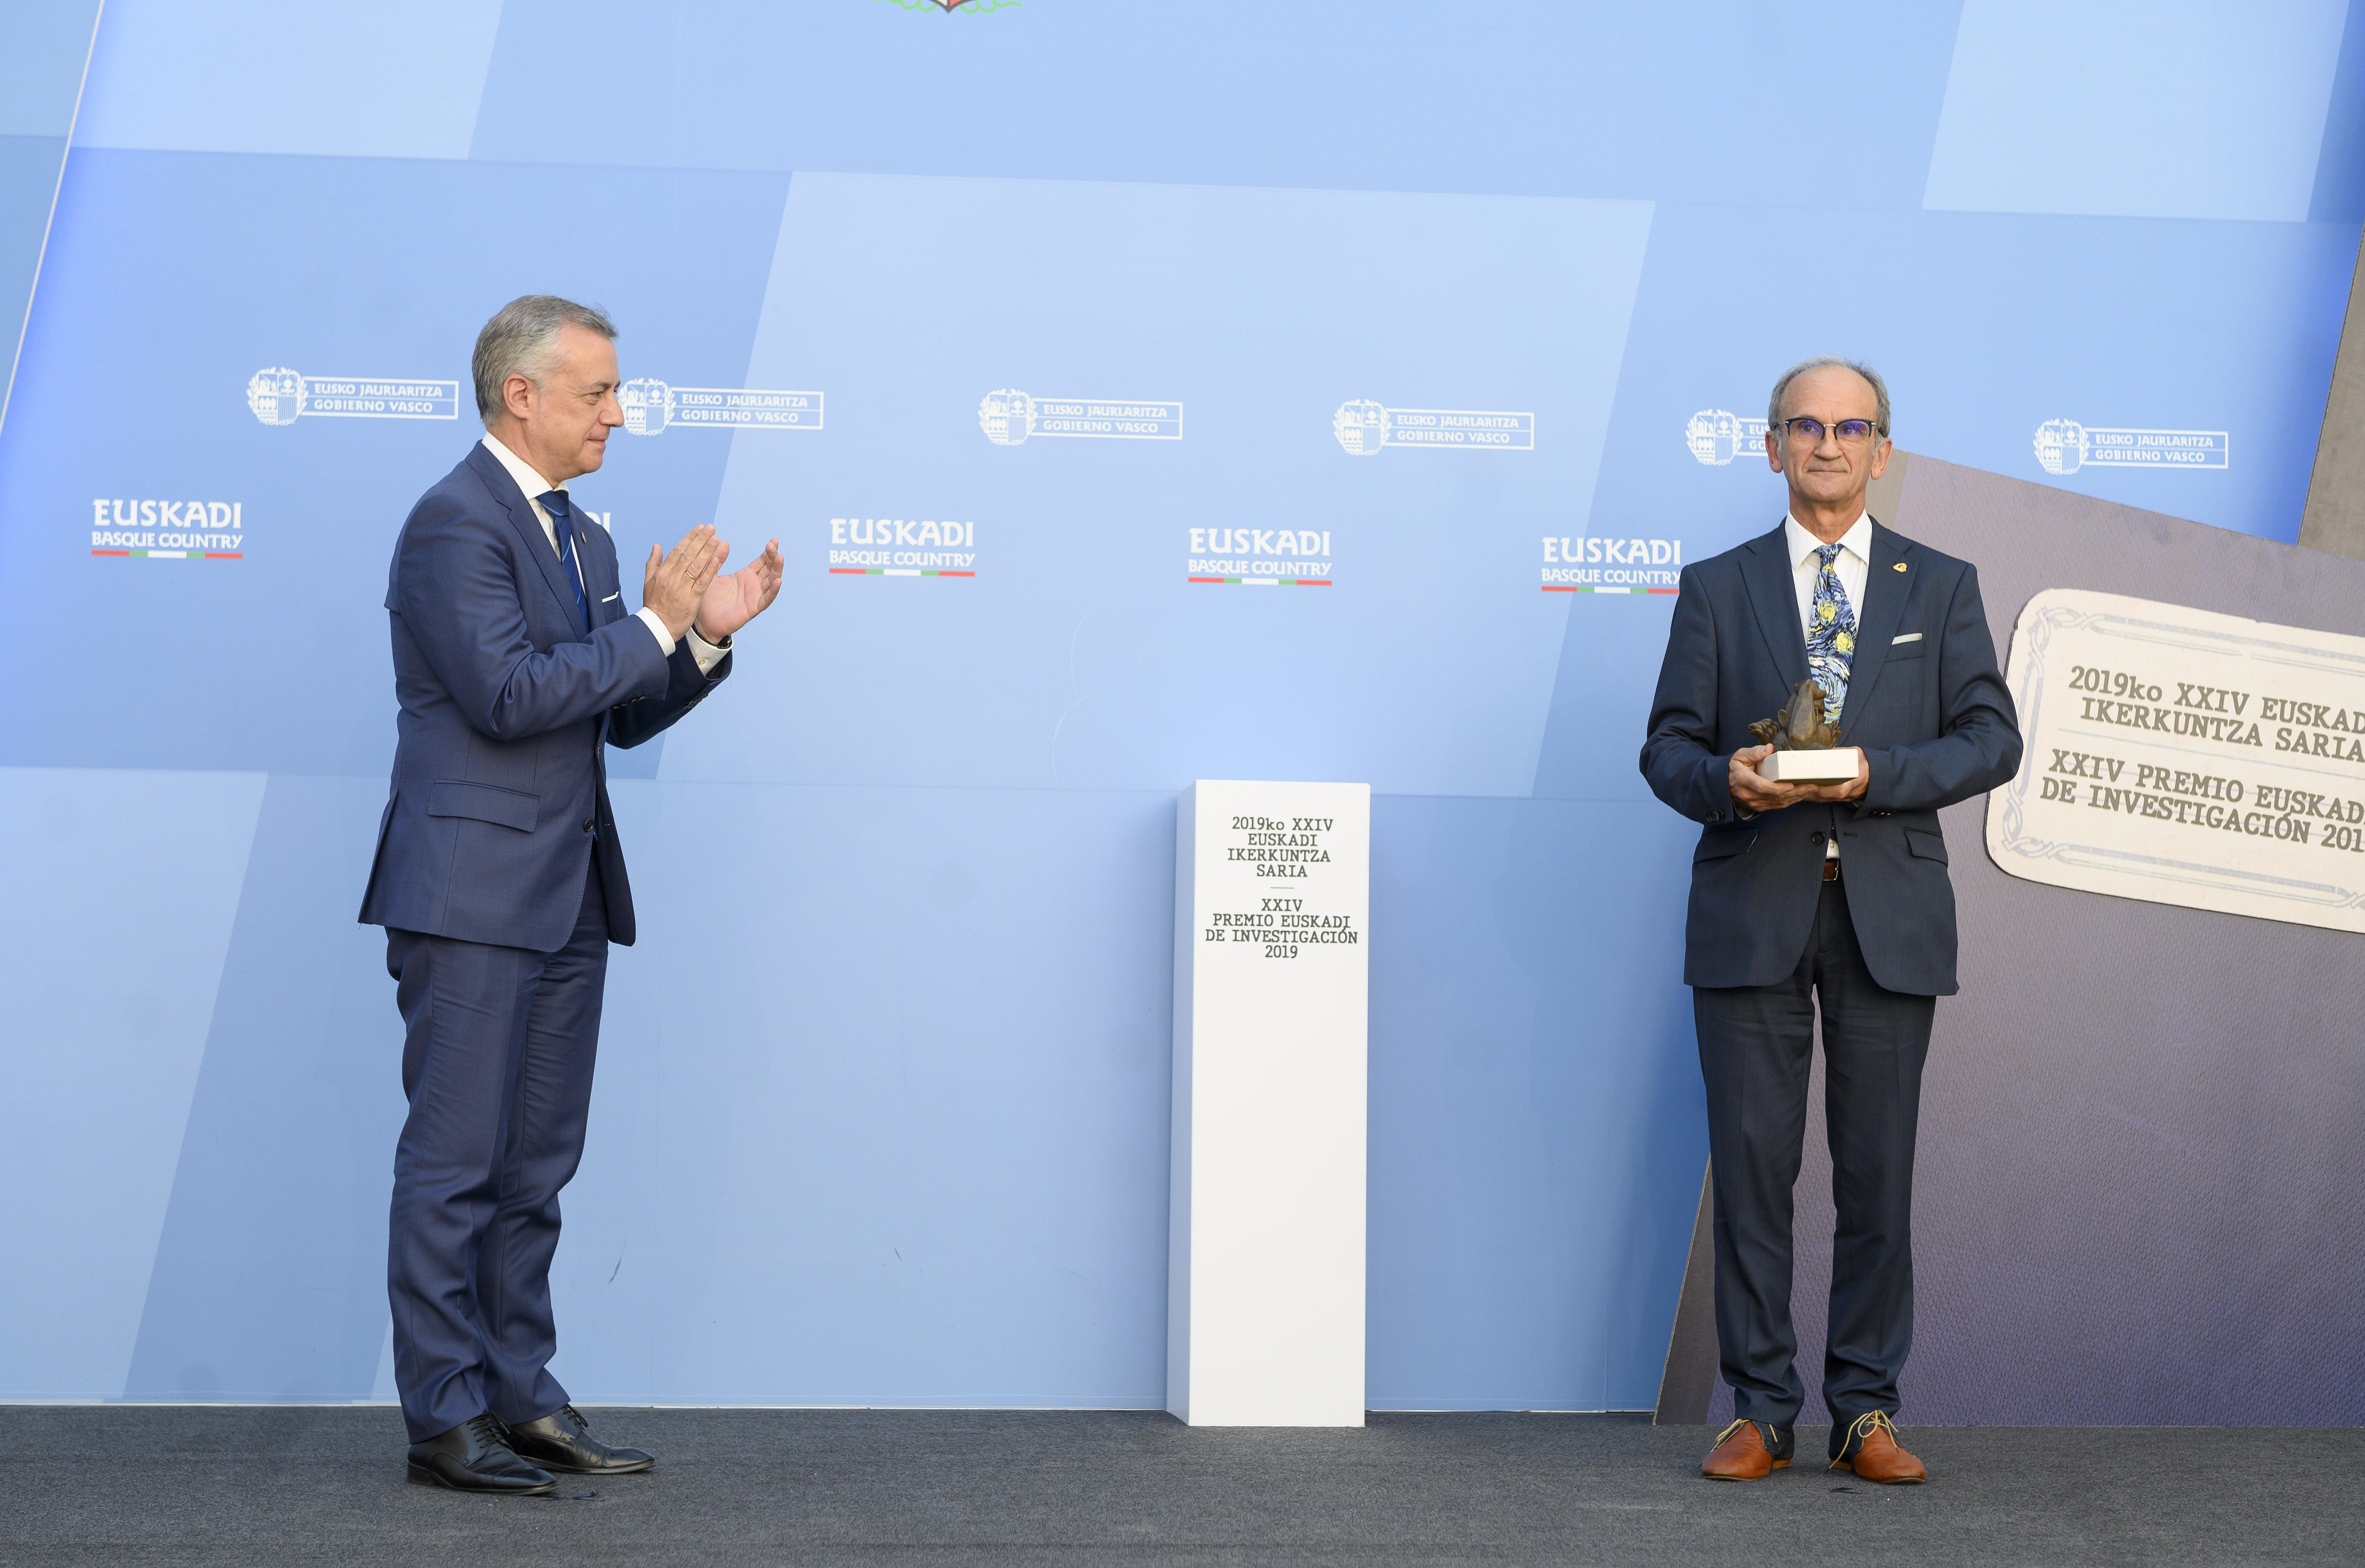 Lehendakariak 2019ko Euskadi Ikerkuntza Saria eman dio Joseba Agirreazkuenaga historialariari